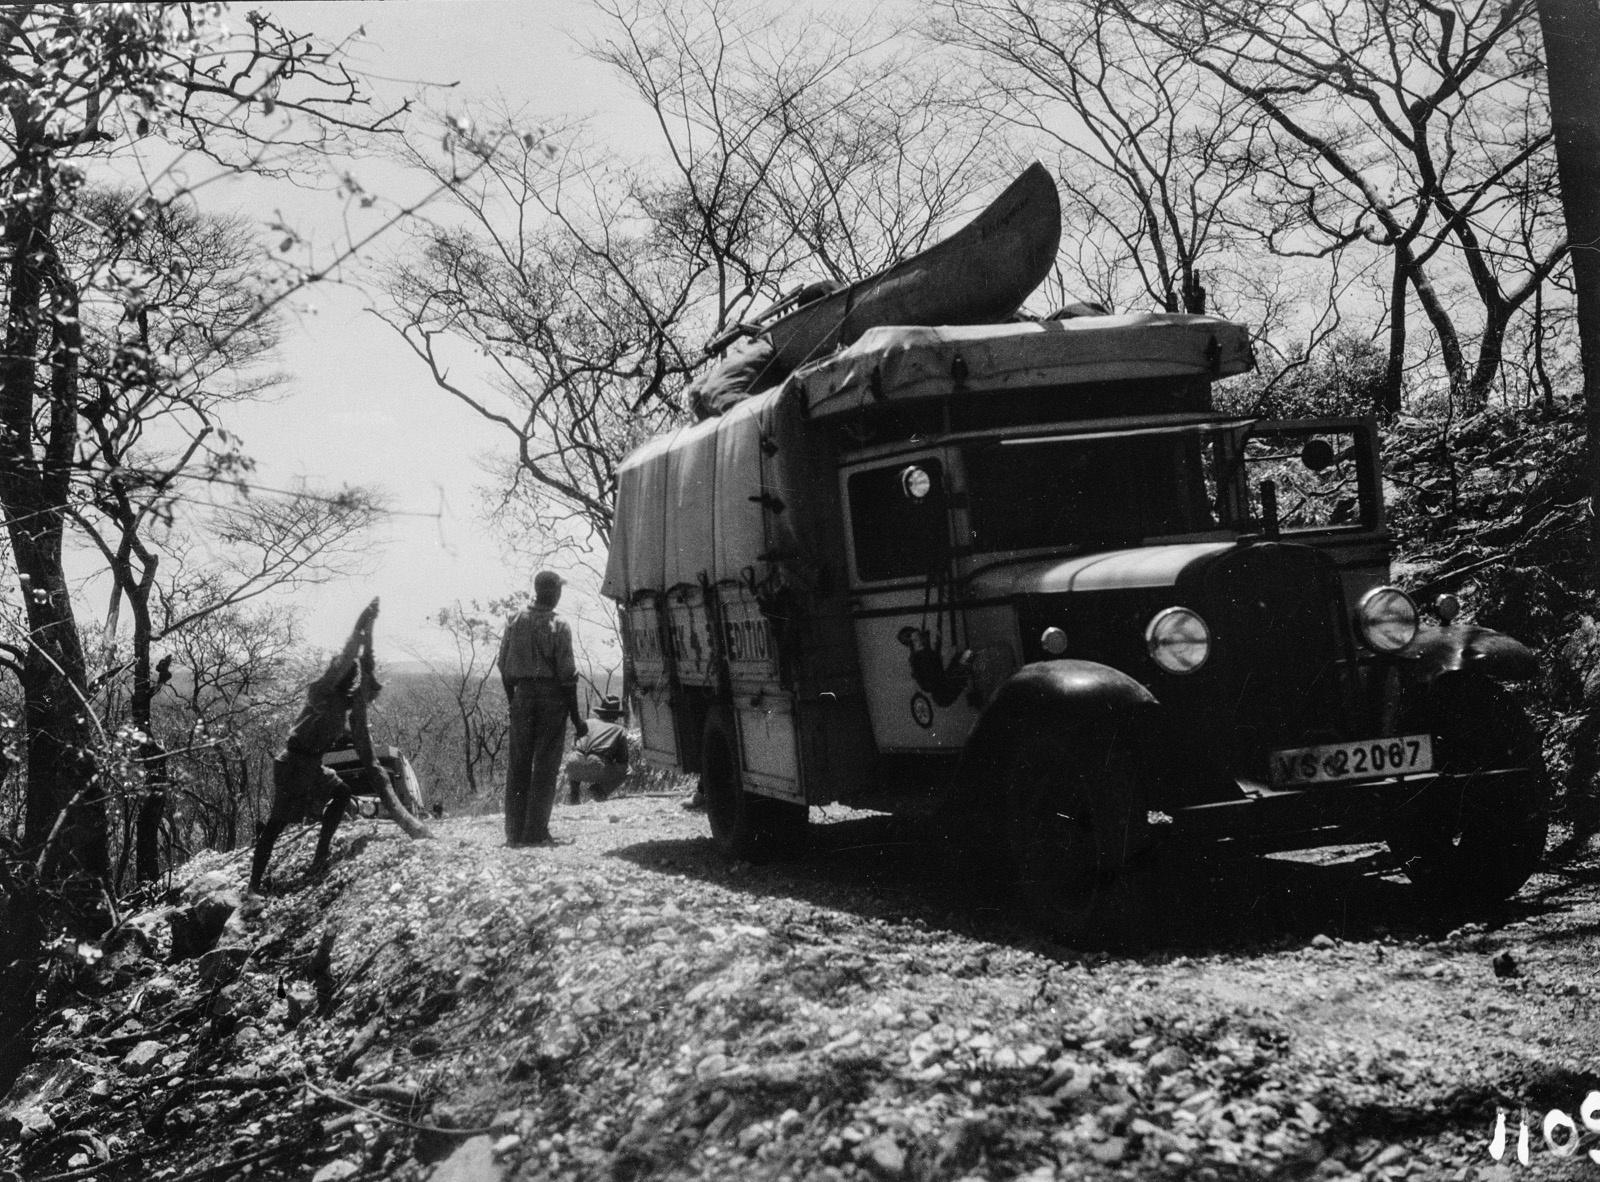 1109. Лундази. Экспедиционный грузовик на проселочной дороге.